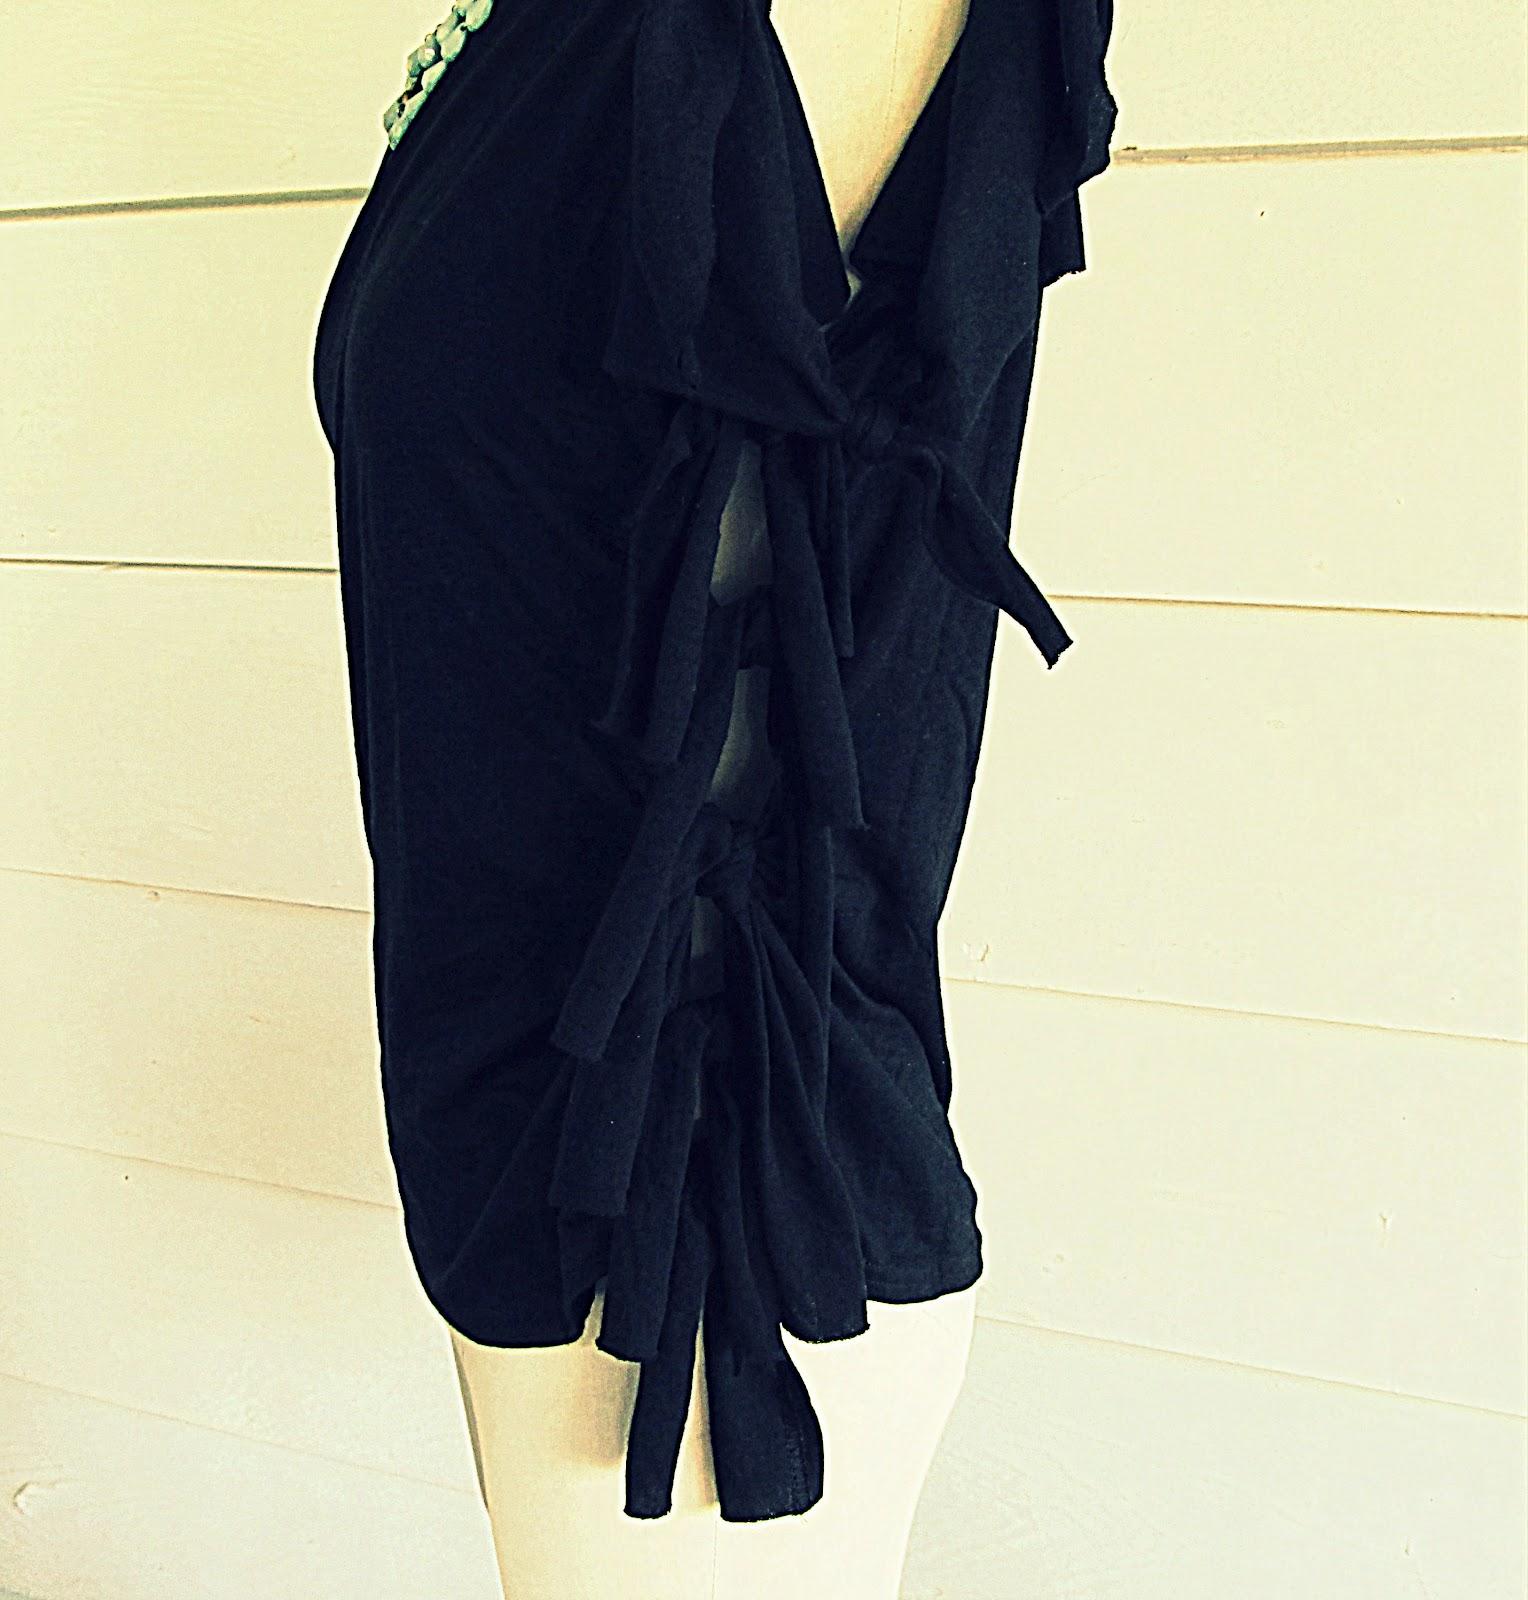 siyah-bluz-yenileme-geri-donusum-moda